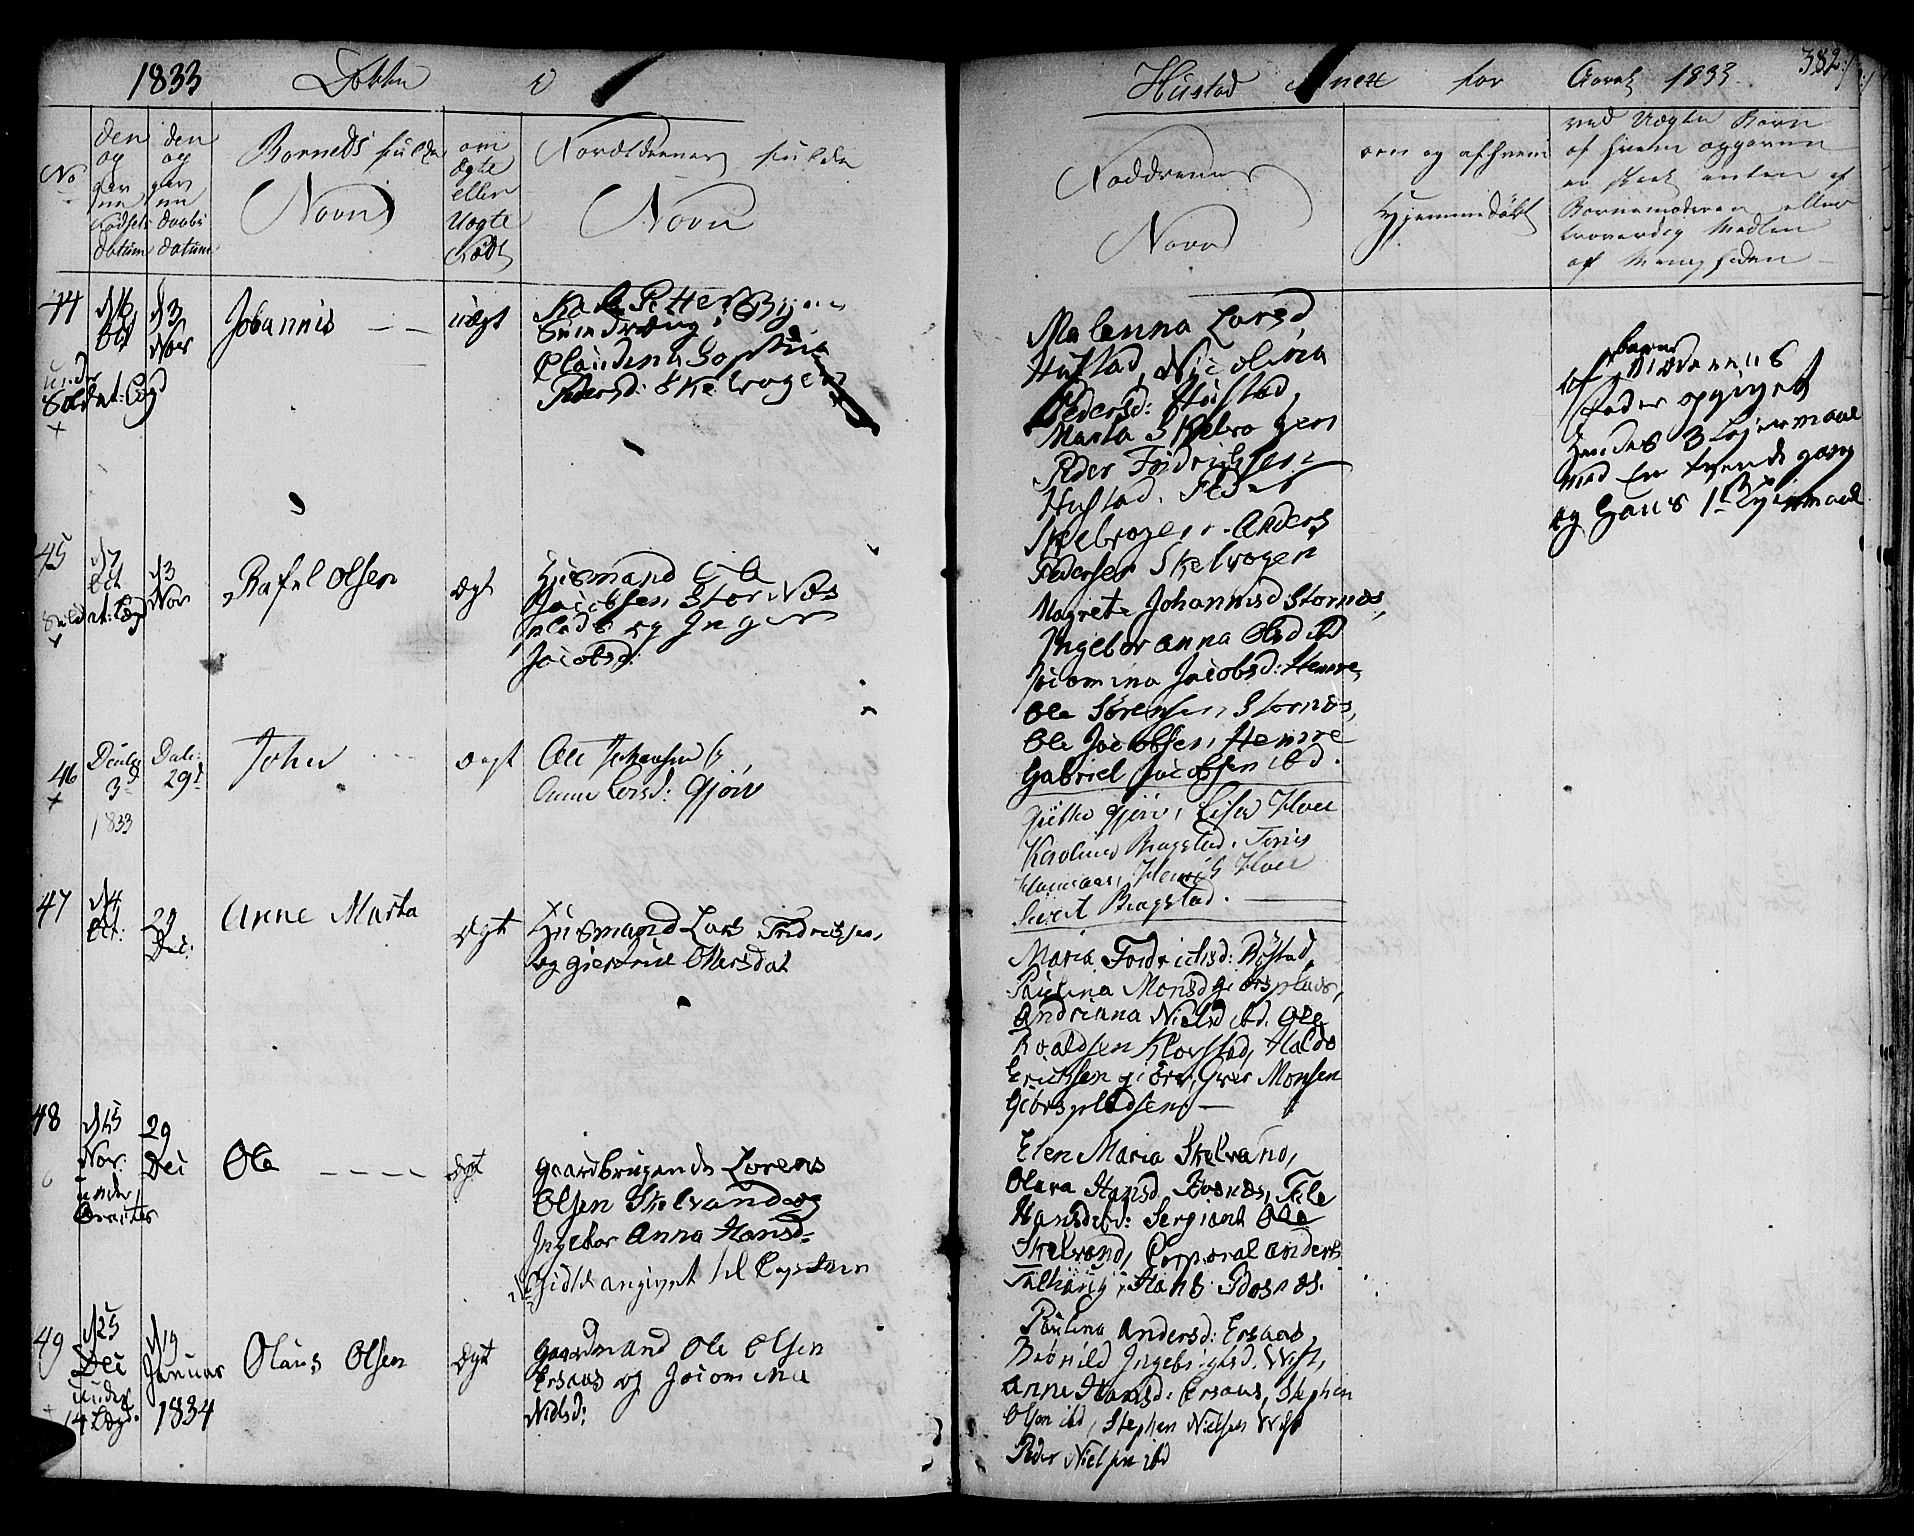 SAT, Ministerialprotokoller, klokkerbøker og fødselsregistre - Nord-Trøndelag, 730/L0277: Ministerialbok nr. 730A06 /3, 1830-1839, s. 382